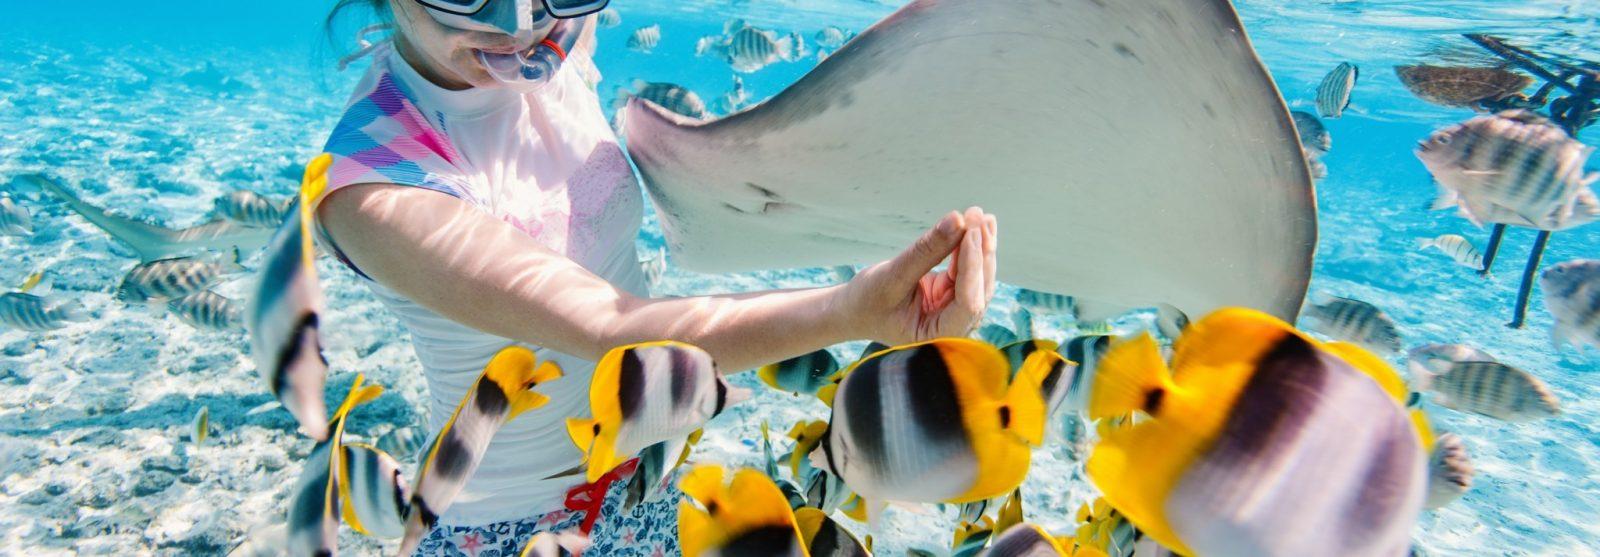 Tahiti Underwater Swimmer